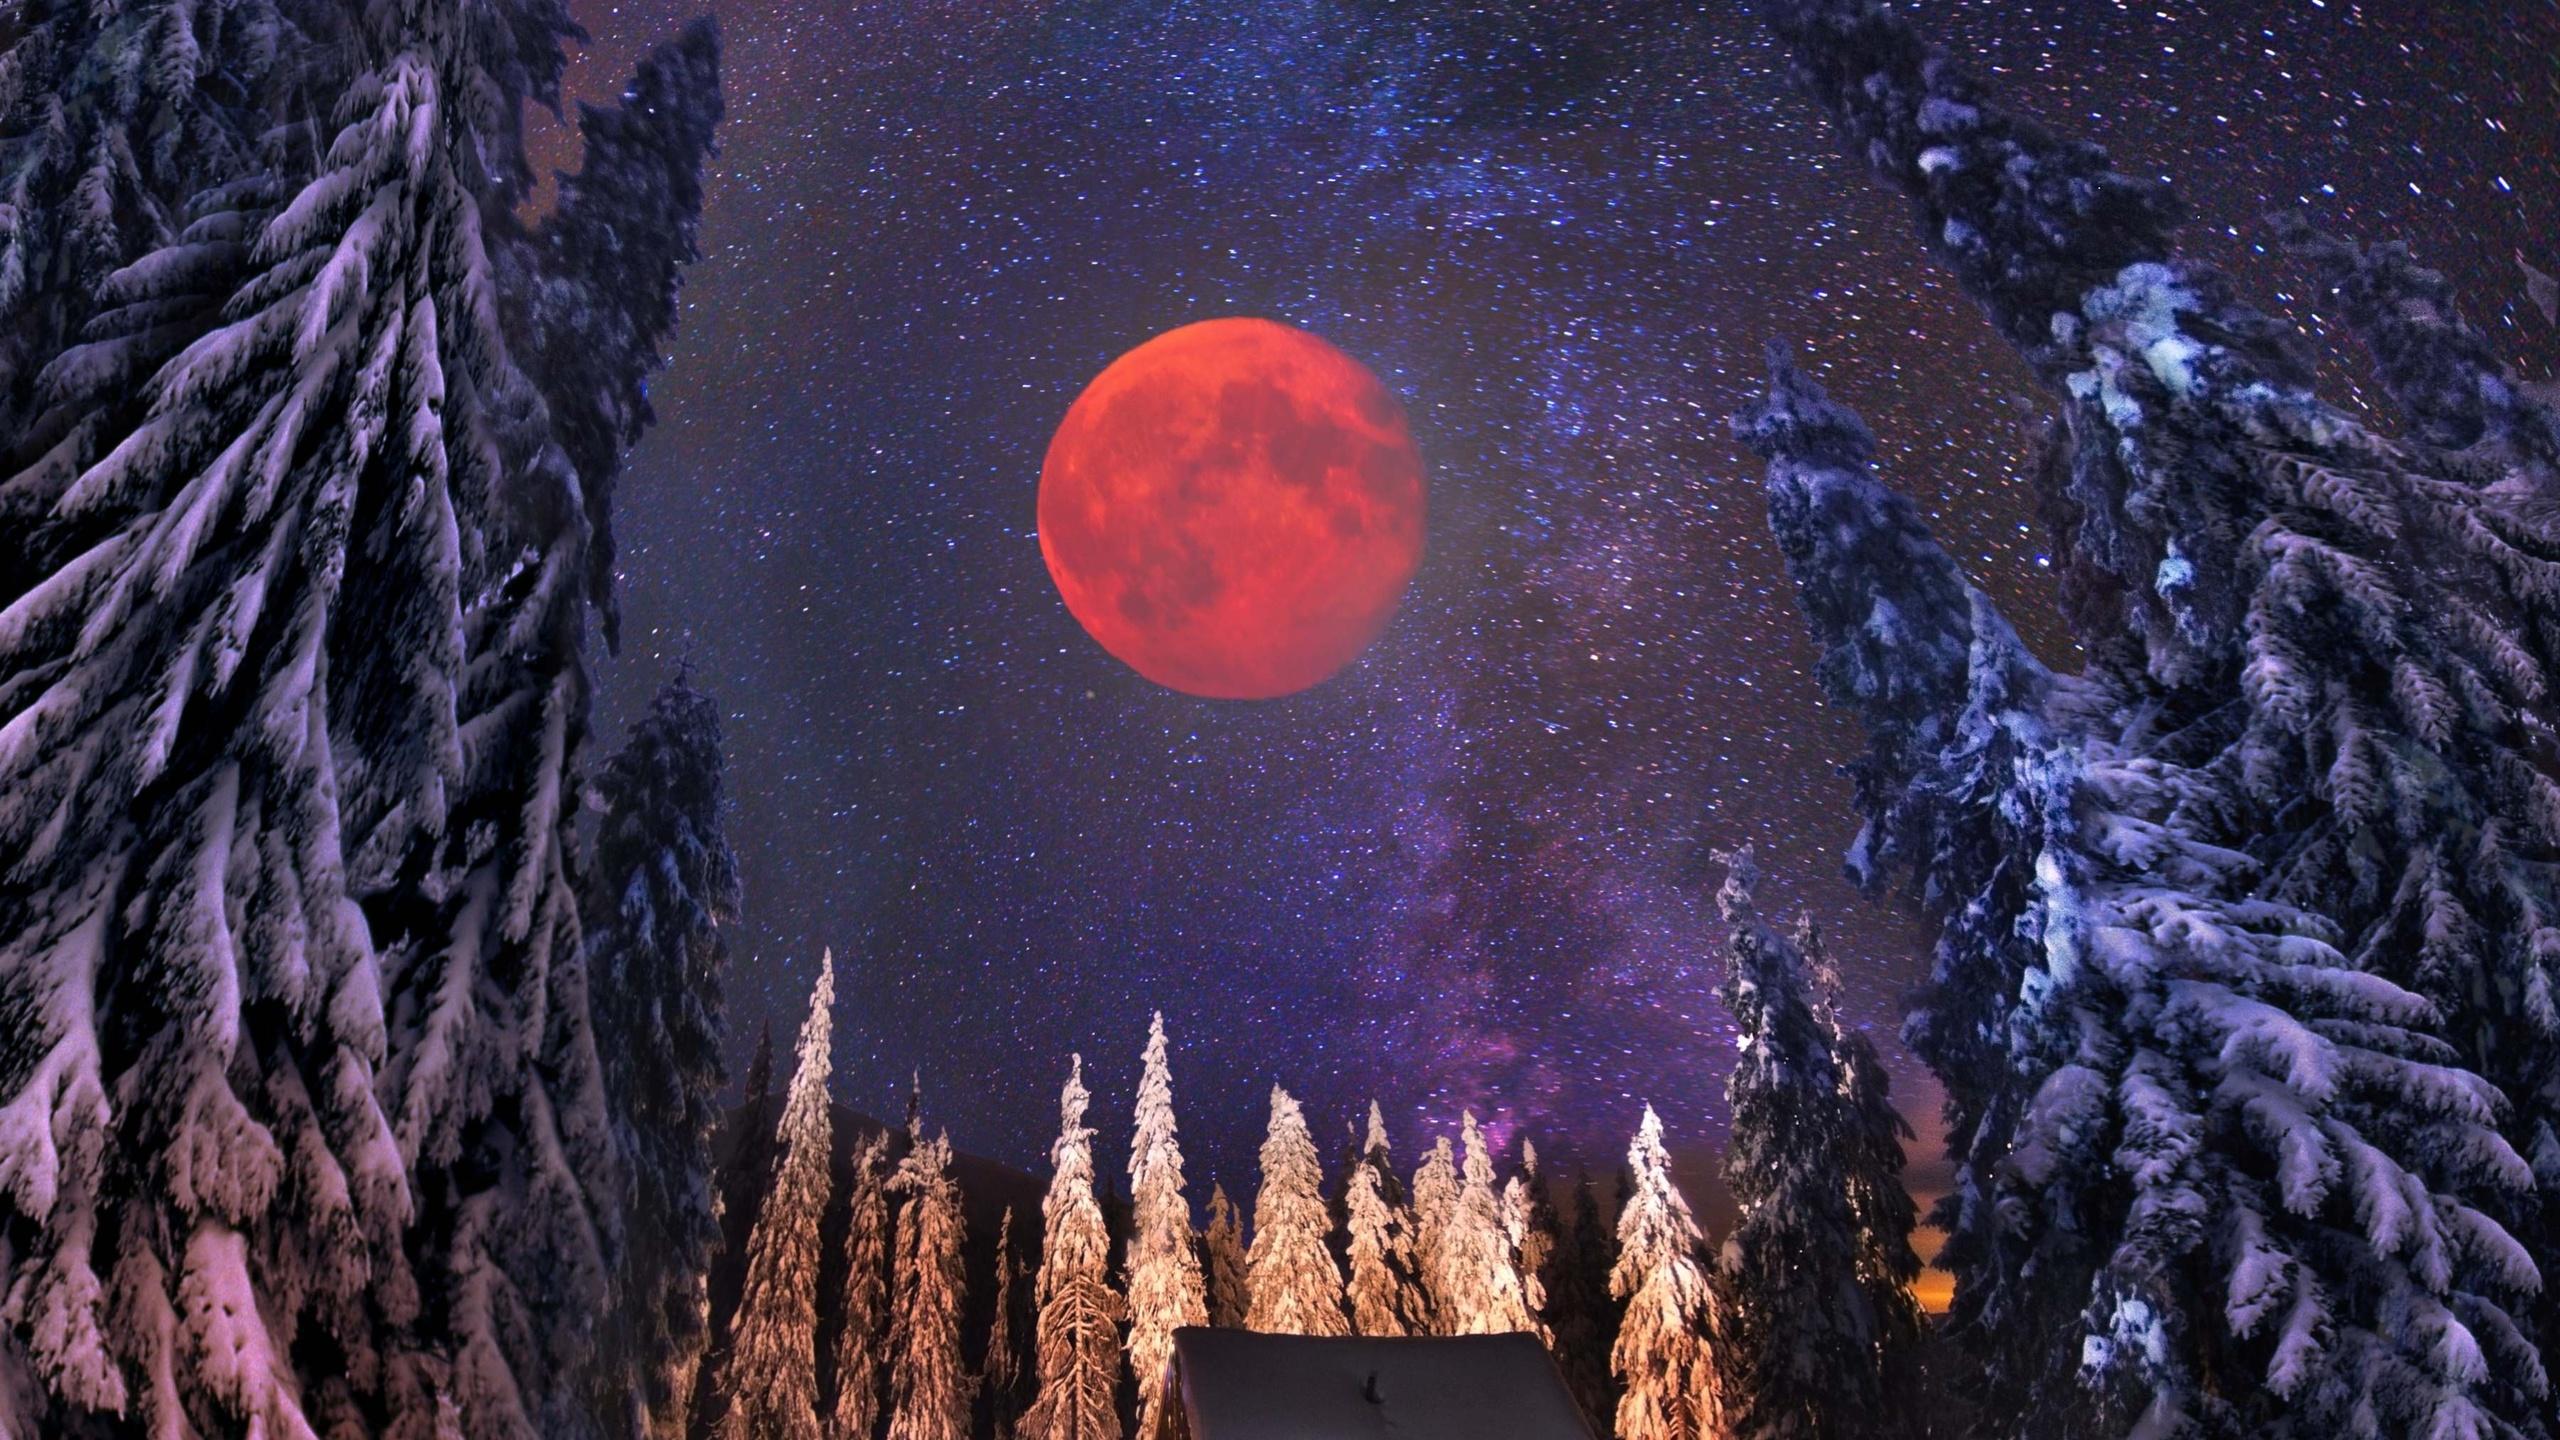 картинки ночь лес новый год можно фото